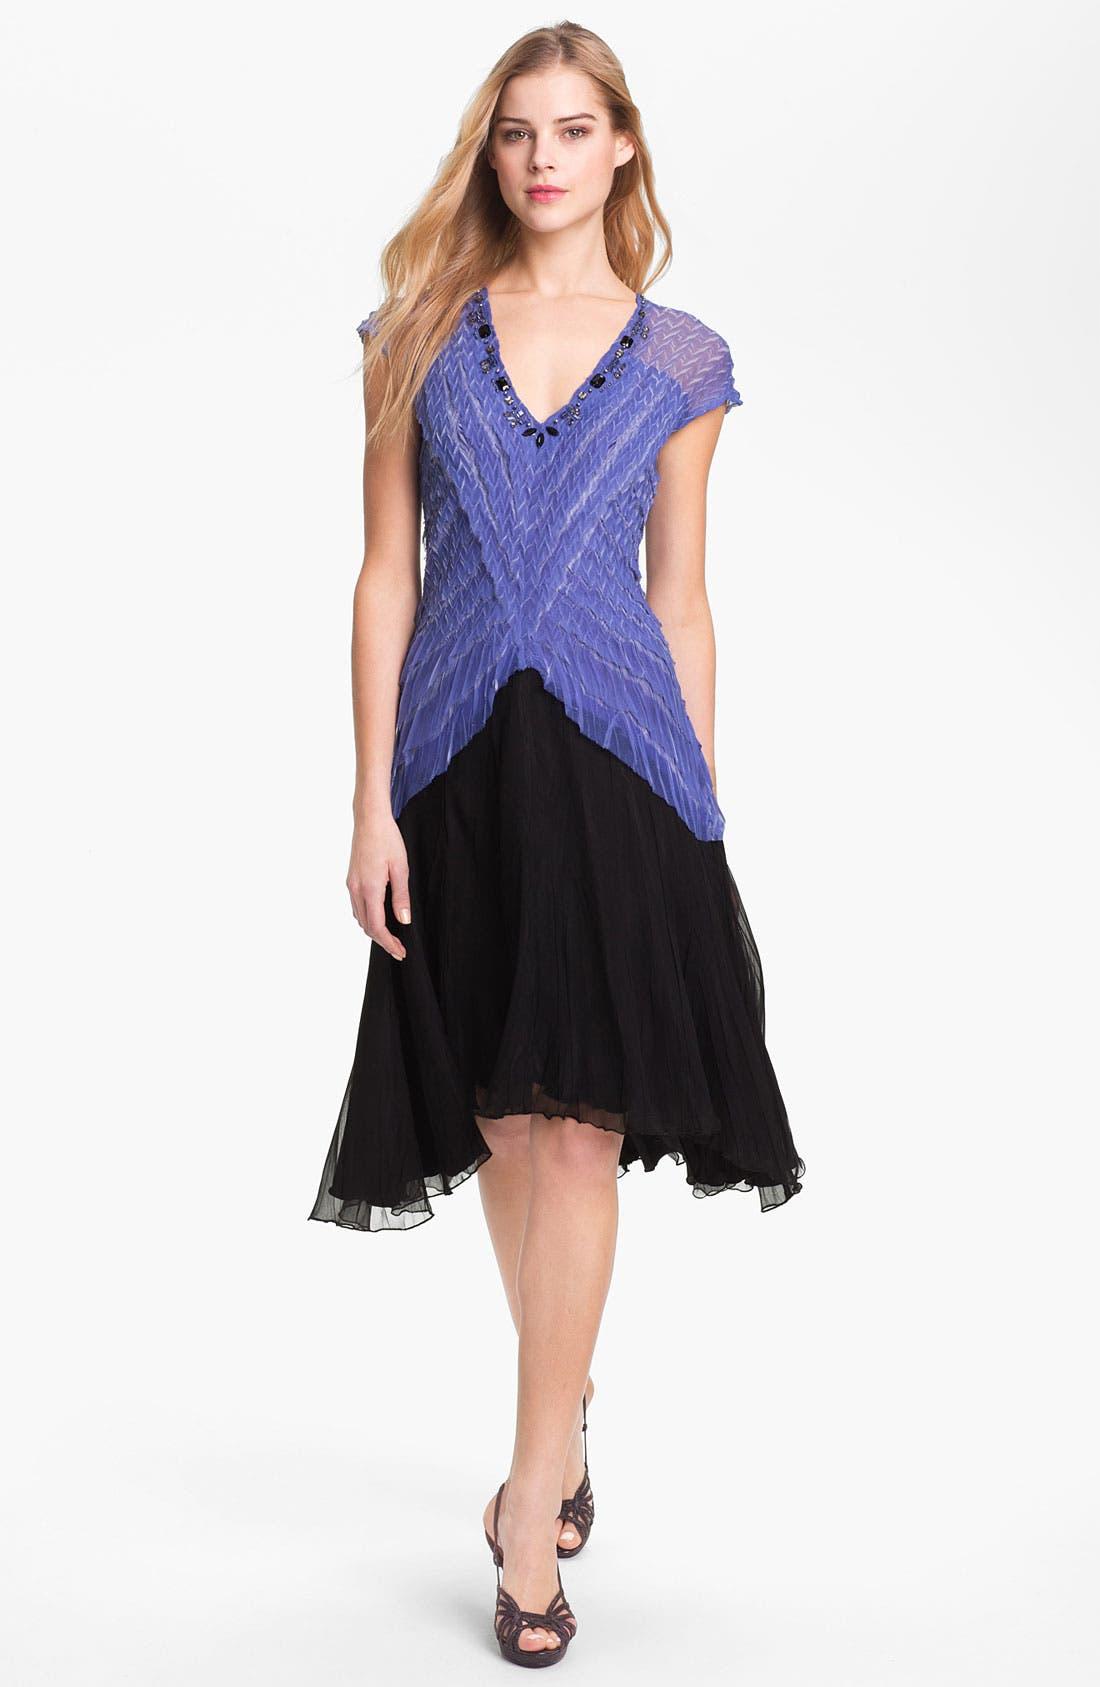 Main Image - Black by Komarov Embellished Textured A-Line Dress